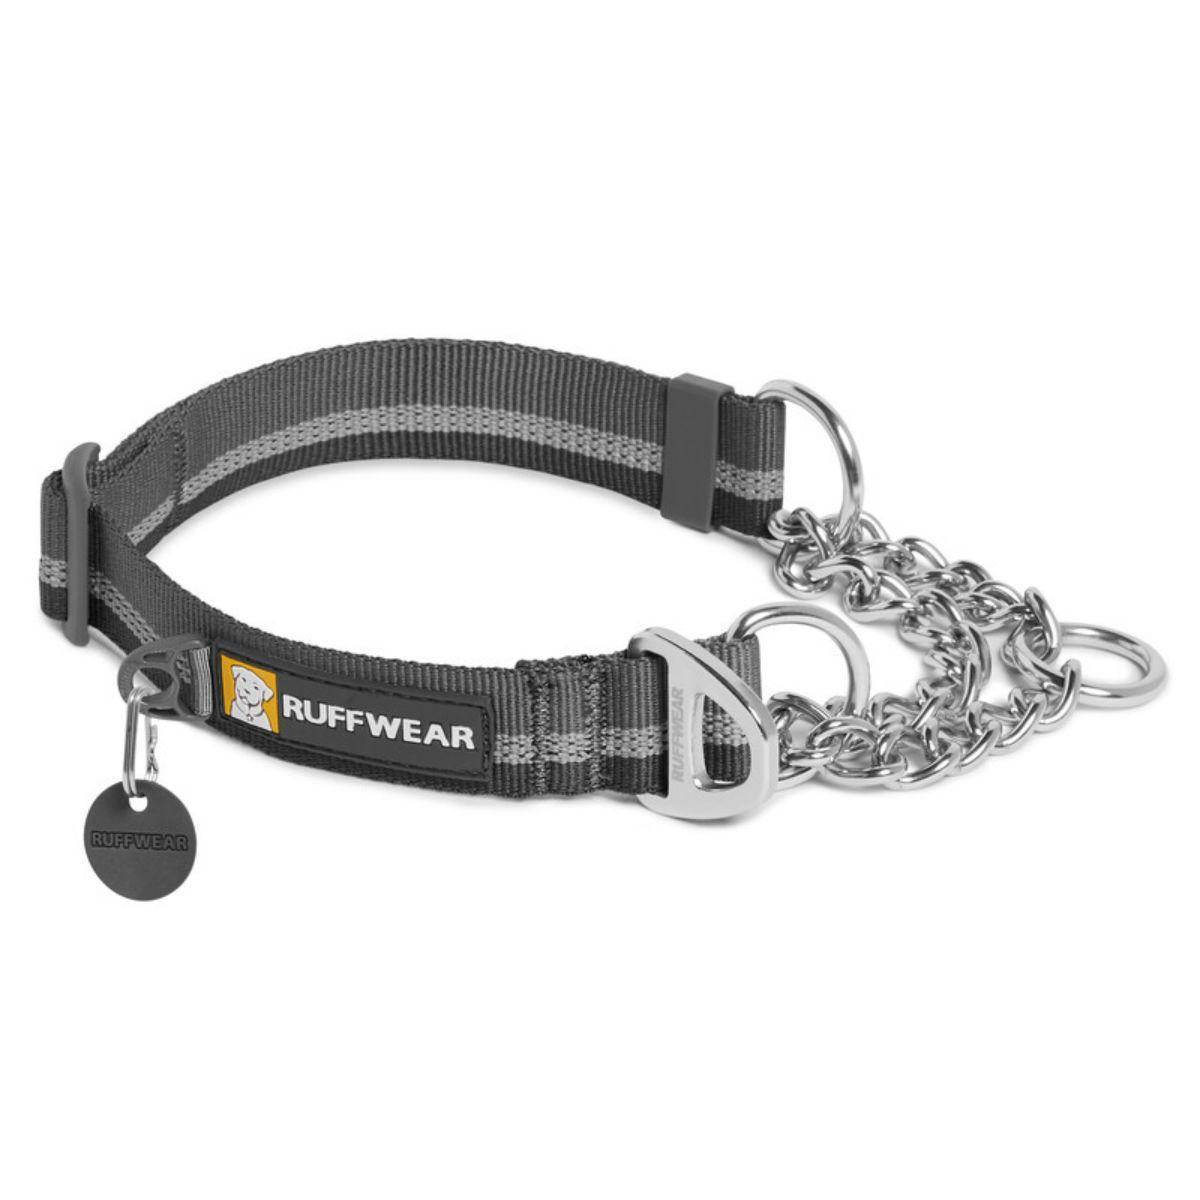 Chain Reaction Dog Collar by RuffWear - Granite Gray